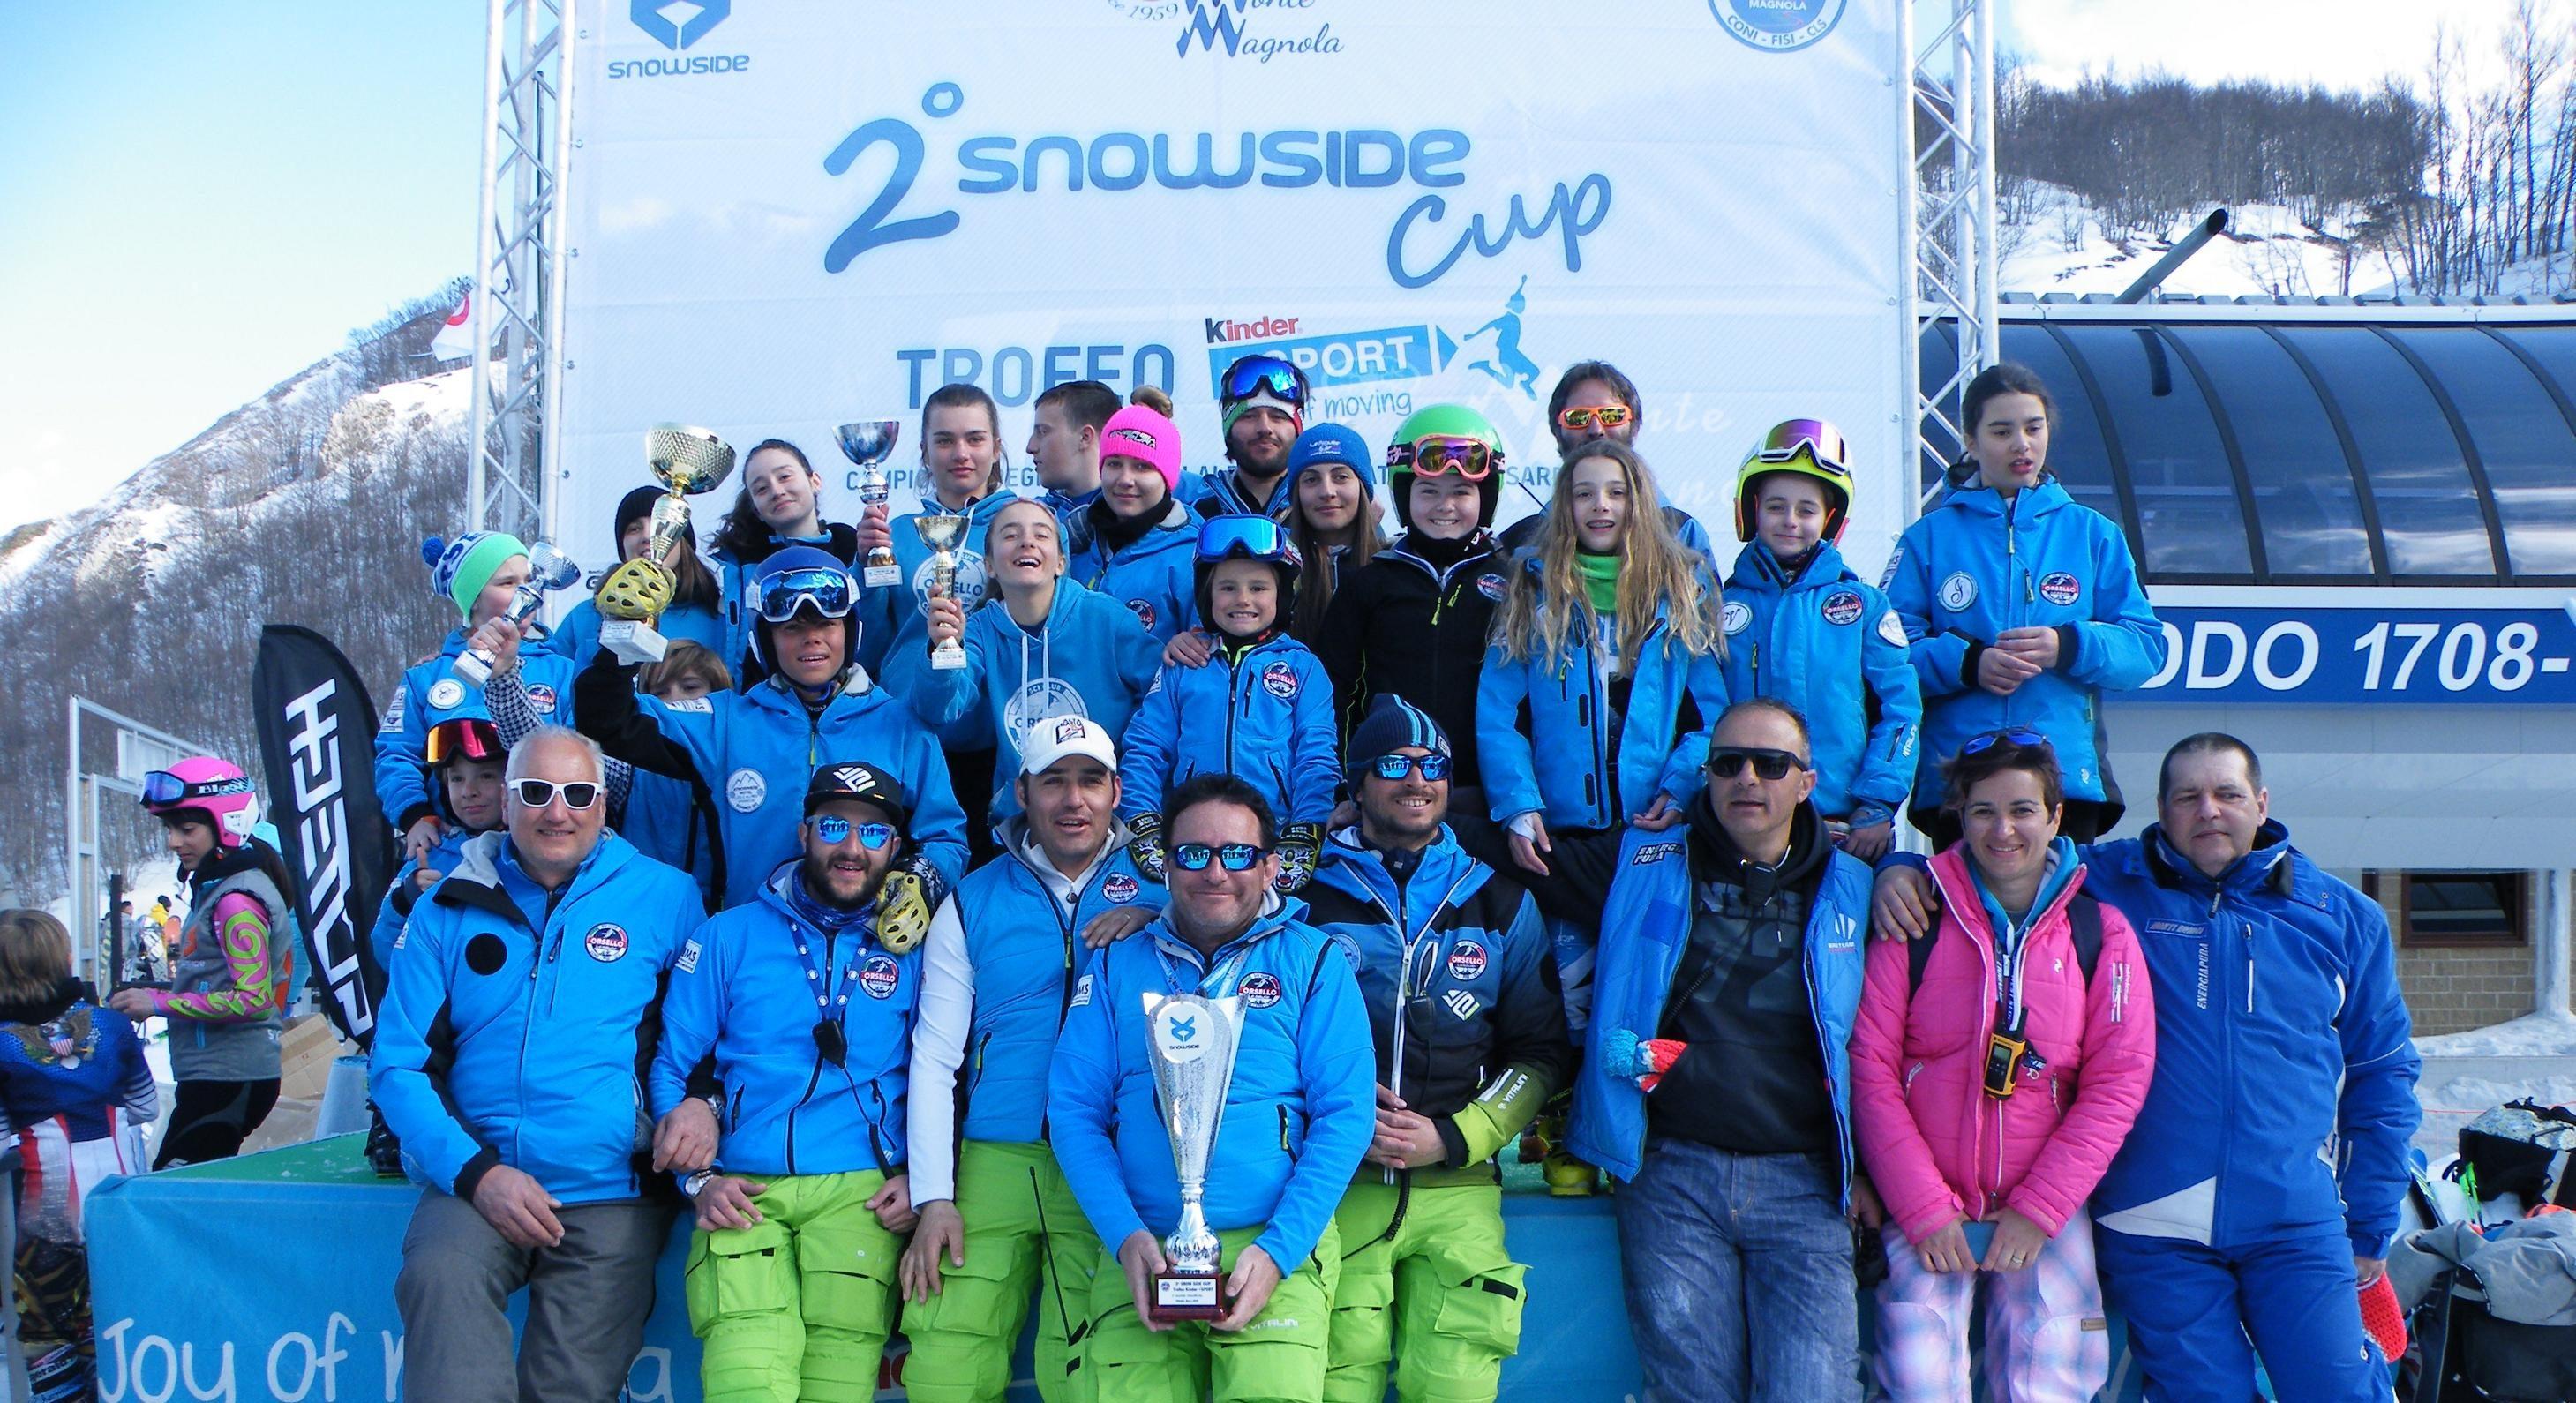 Conclusi ad Ovindoli i campionati Regionali di Sci Alpino. Classifica dei campioni regionali di gigante